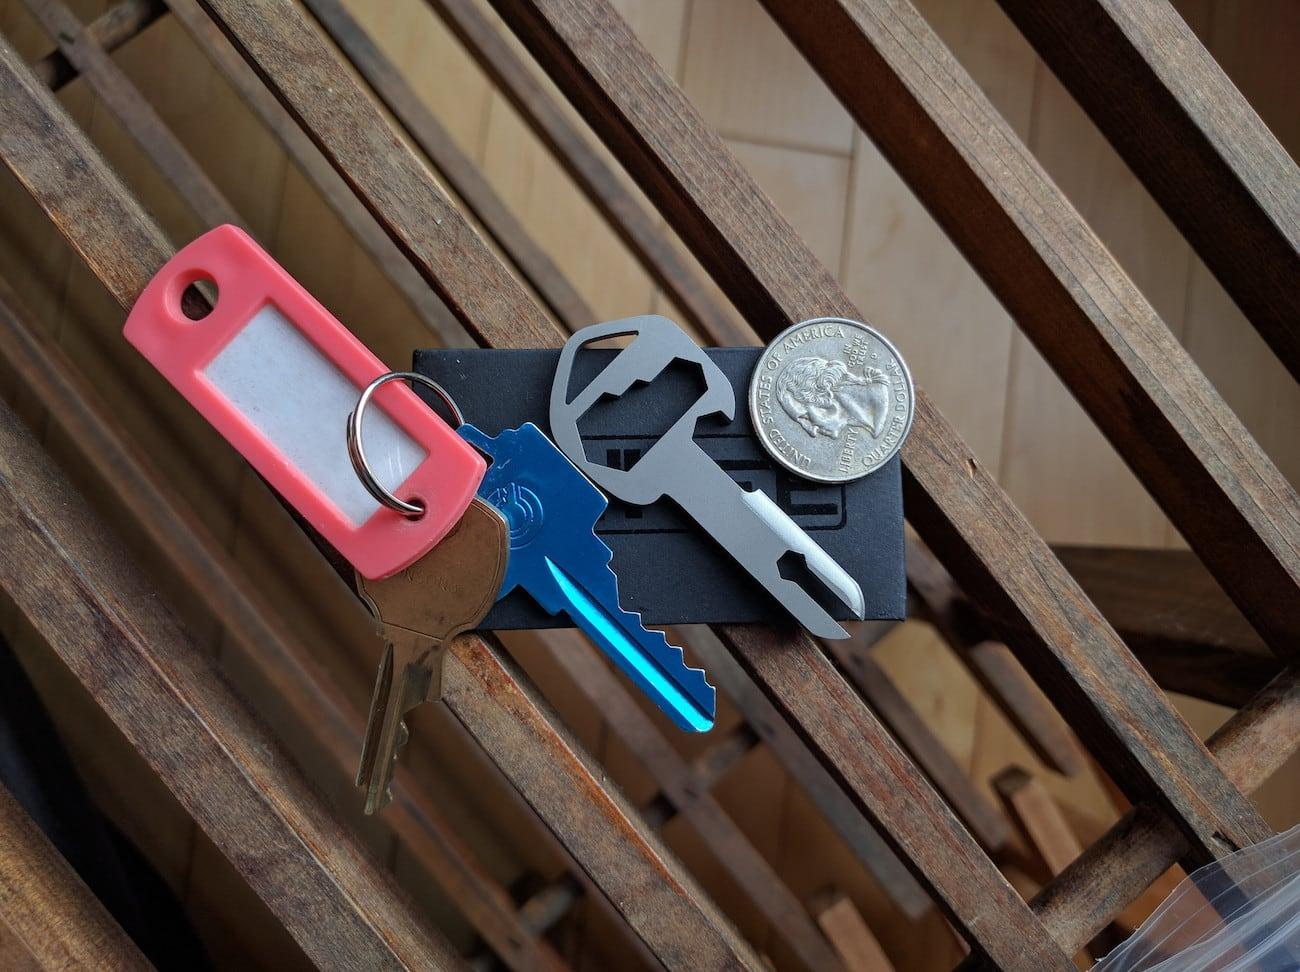 MyKee Titanium Multi-Tool Key